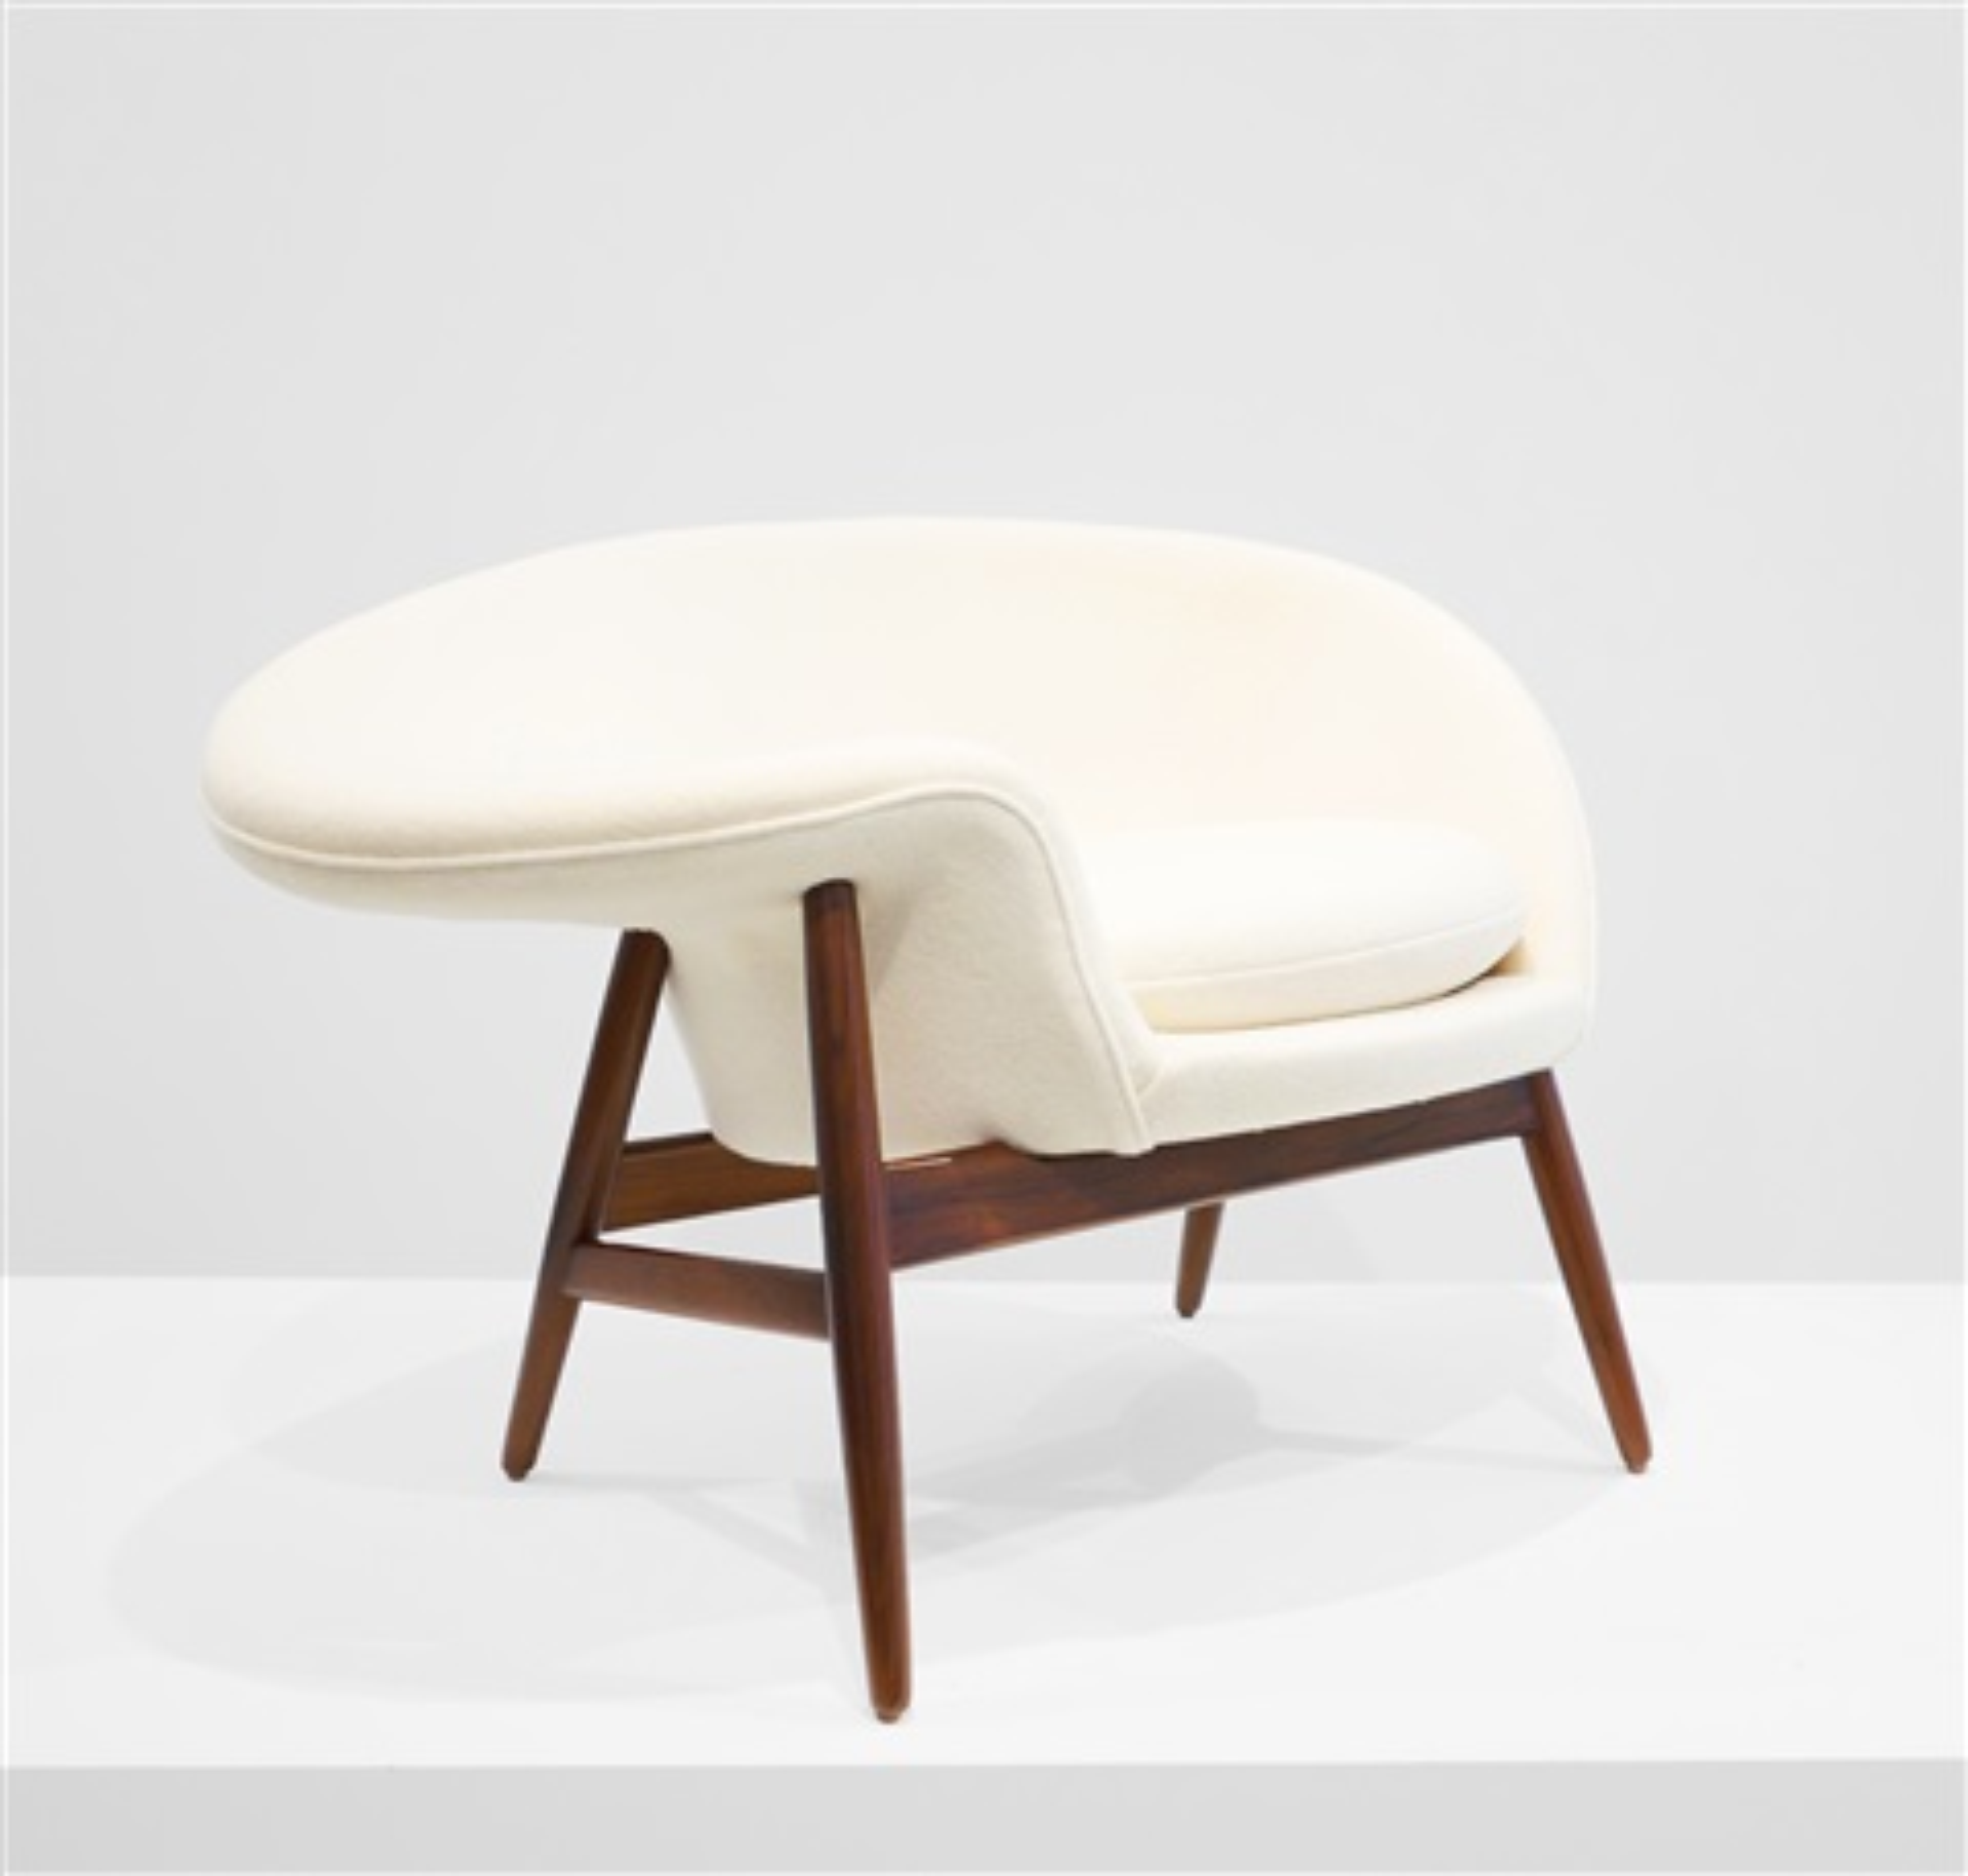 Superb Fried Egg Chair By Hans Olsen On Artnet